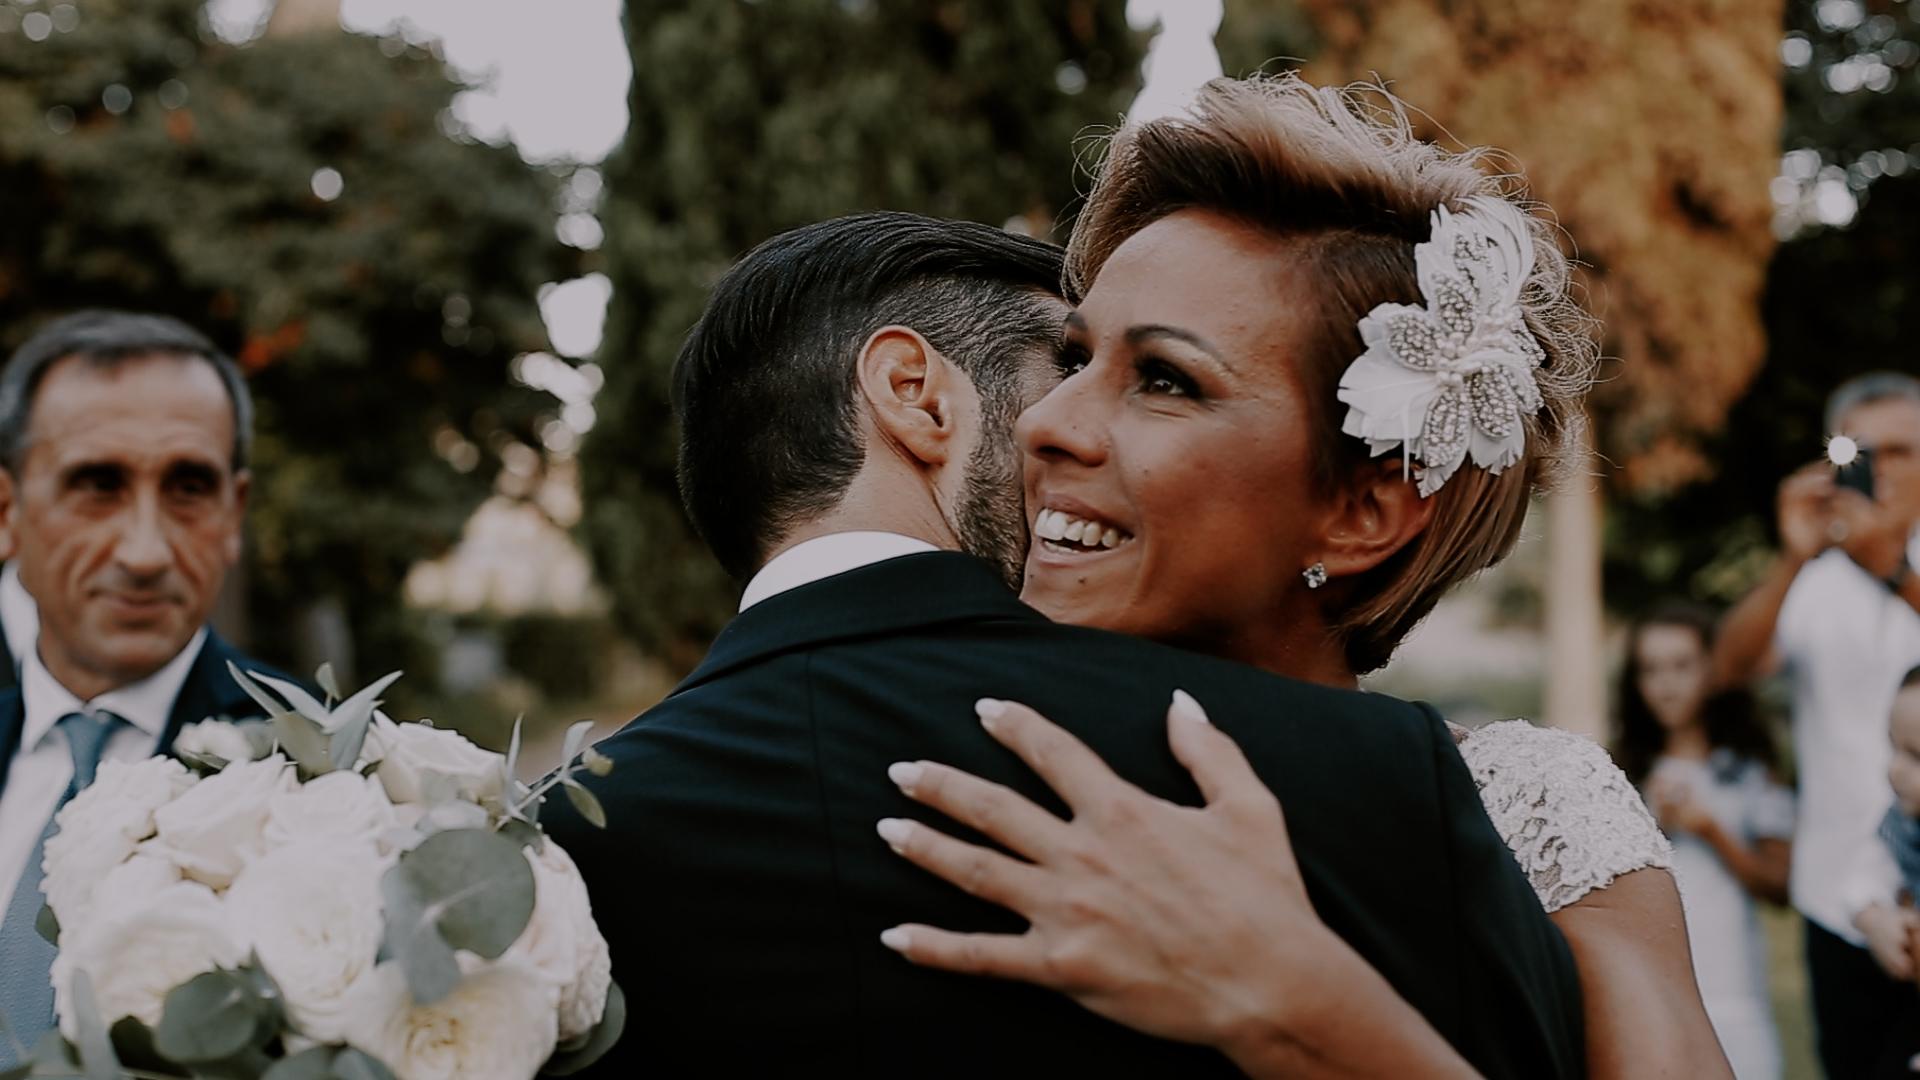 FEDE1621.00_00_41_23.Immagine003 Apulian Wedding